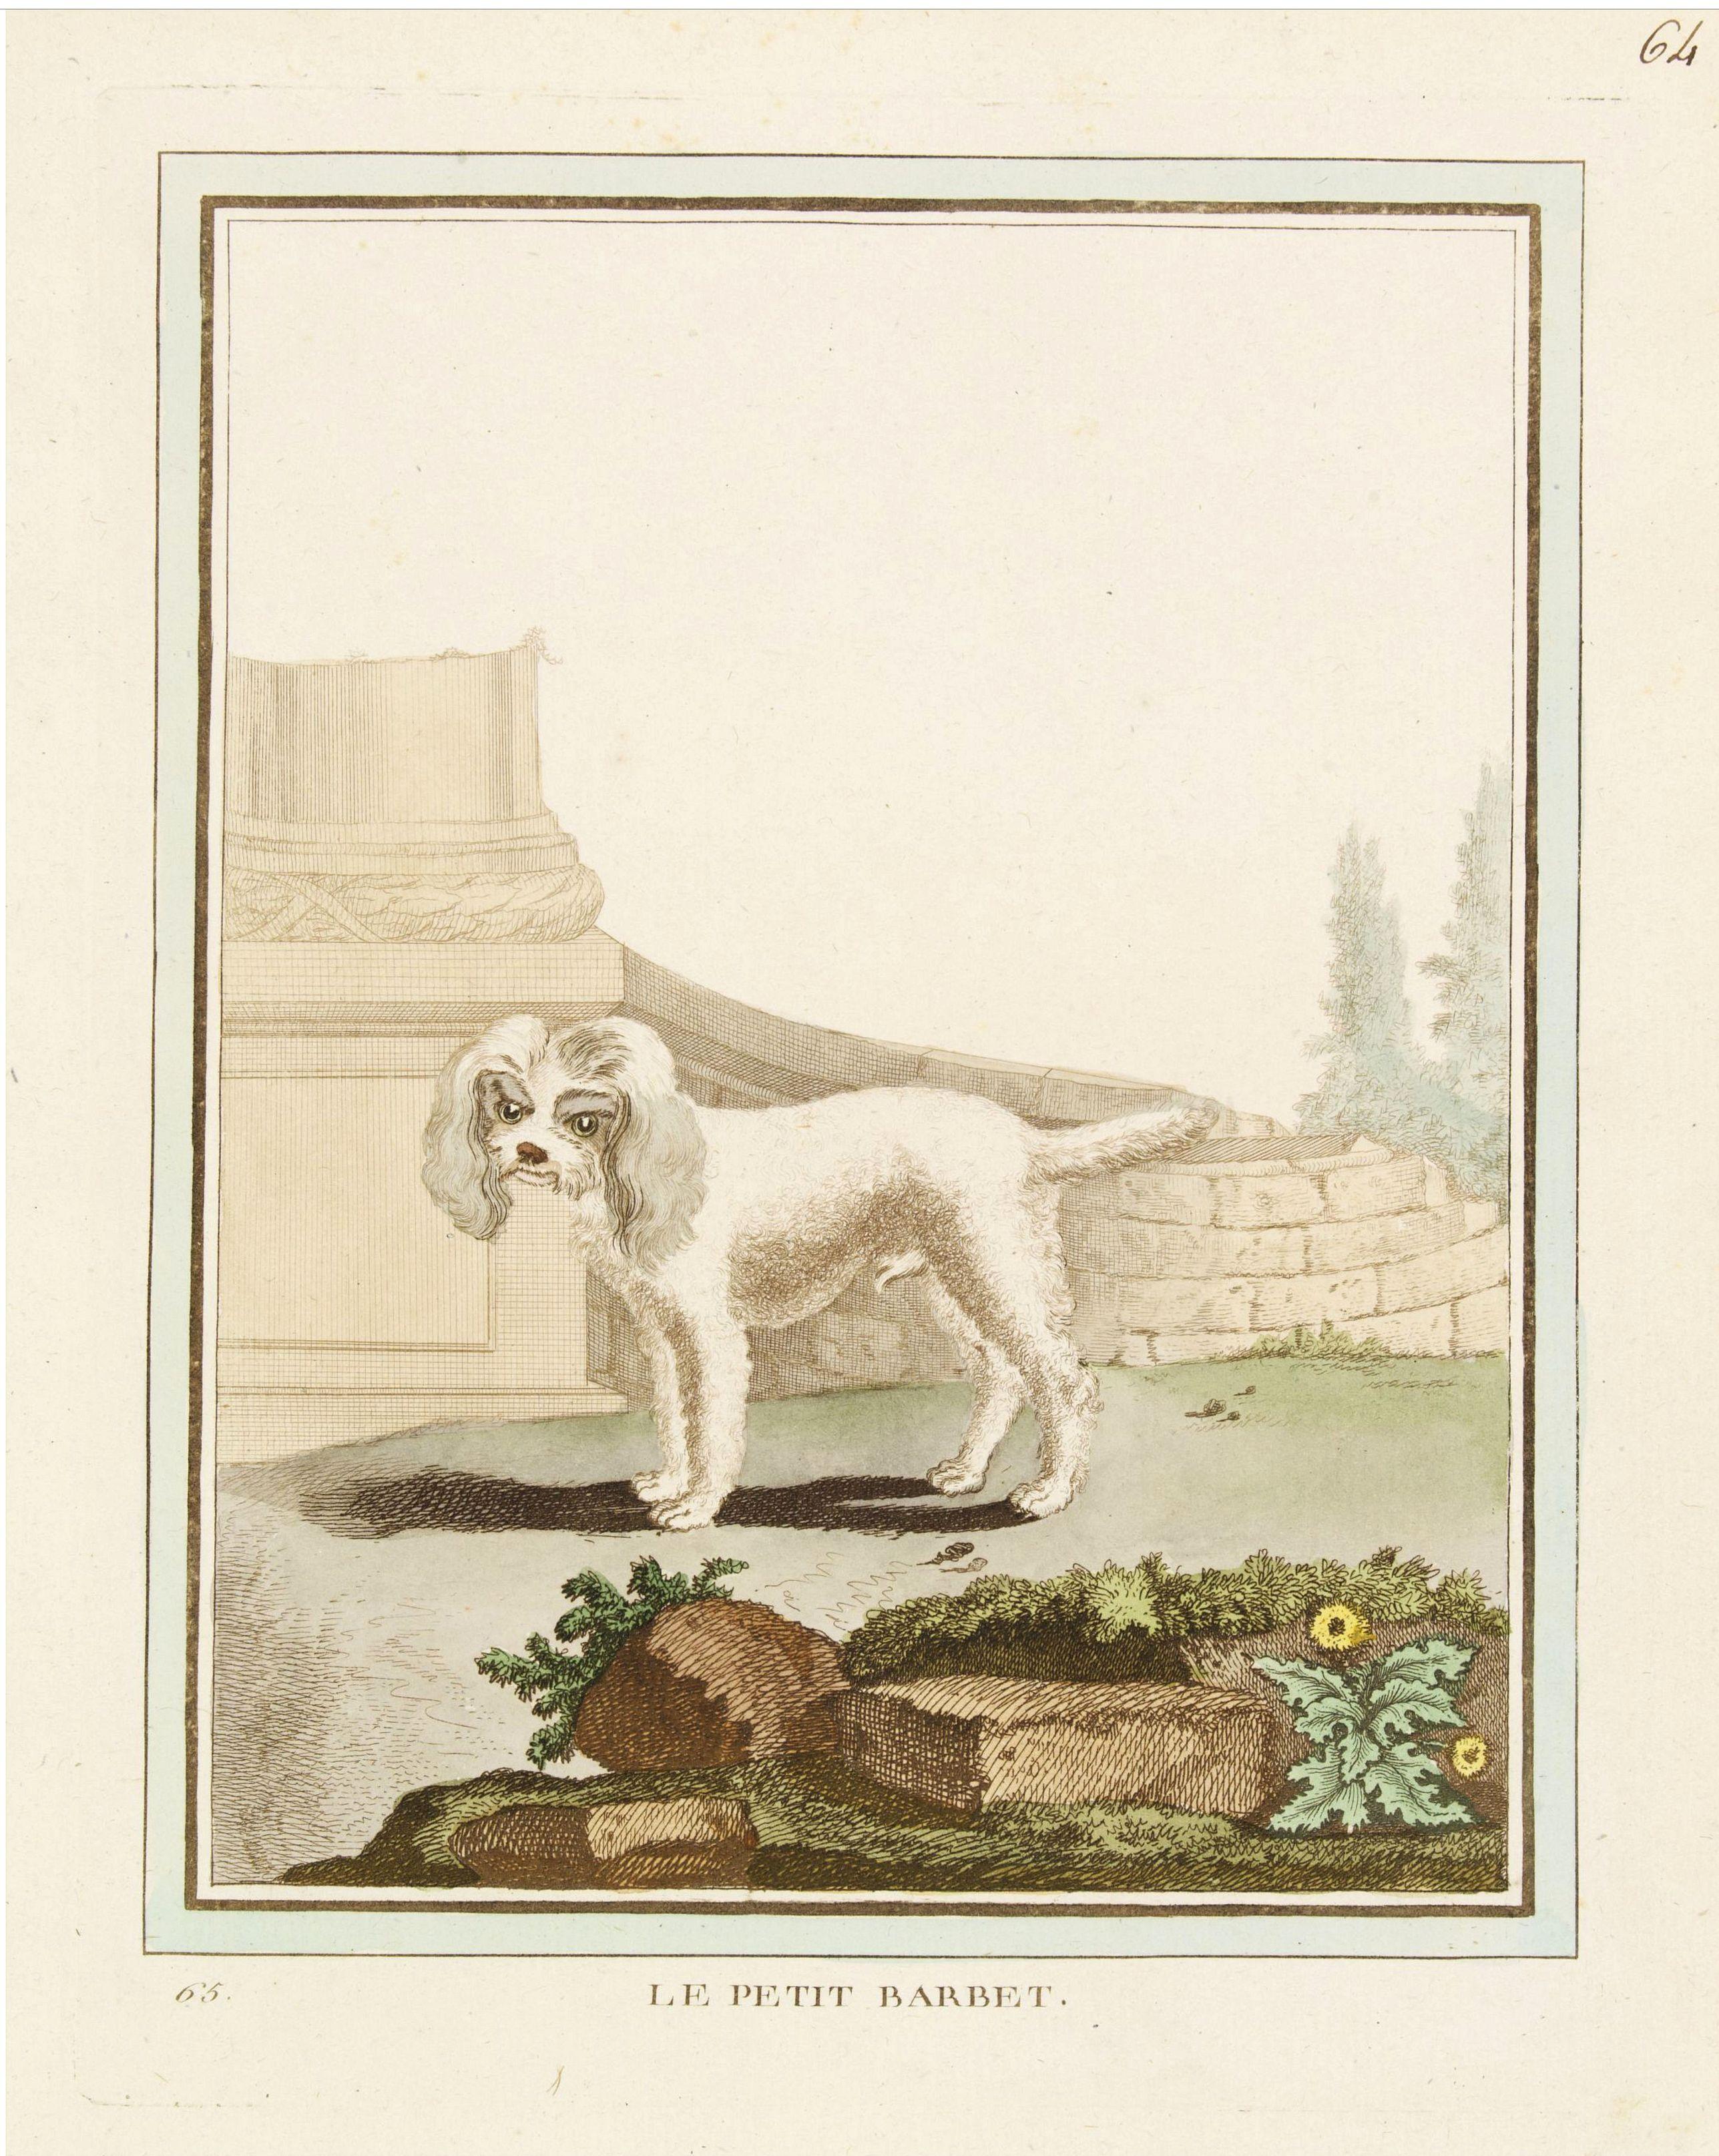 DE SÈVE, After Jacques (active 1742-1788) -  Le Petit Barbet.